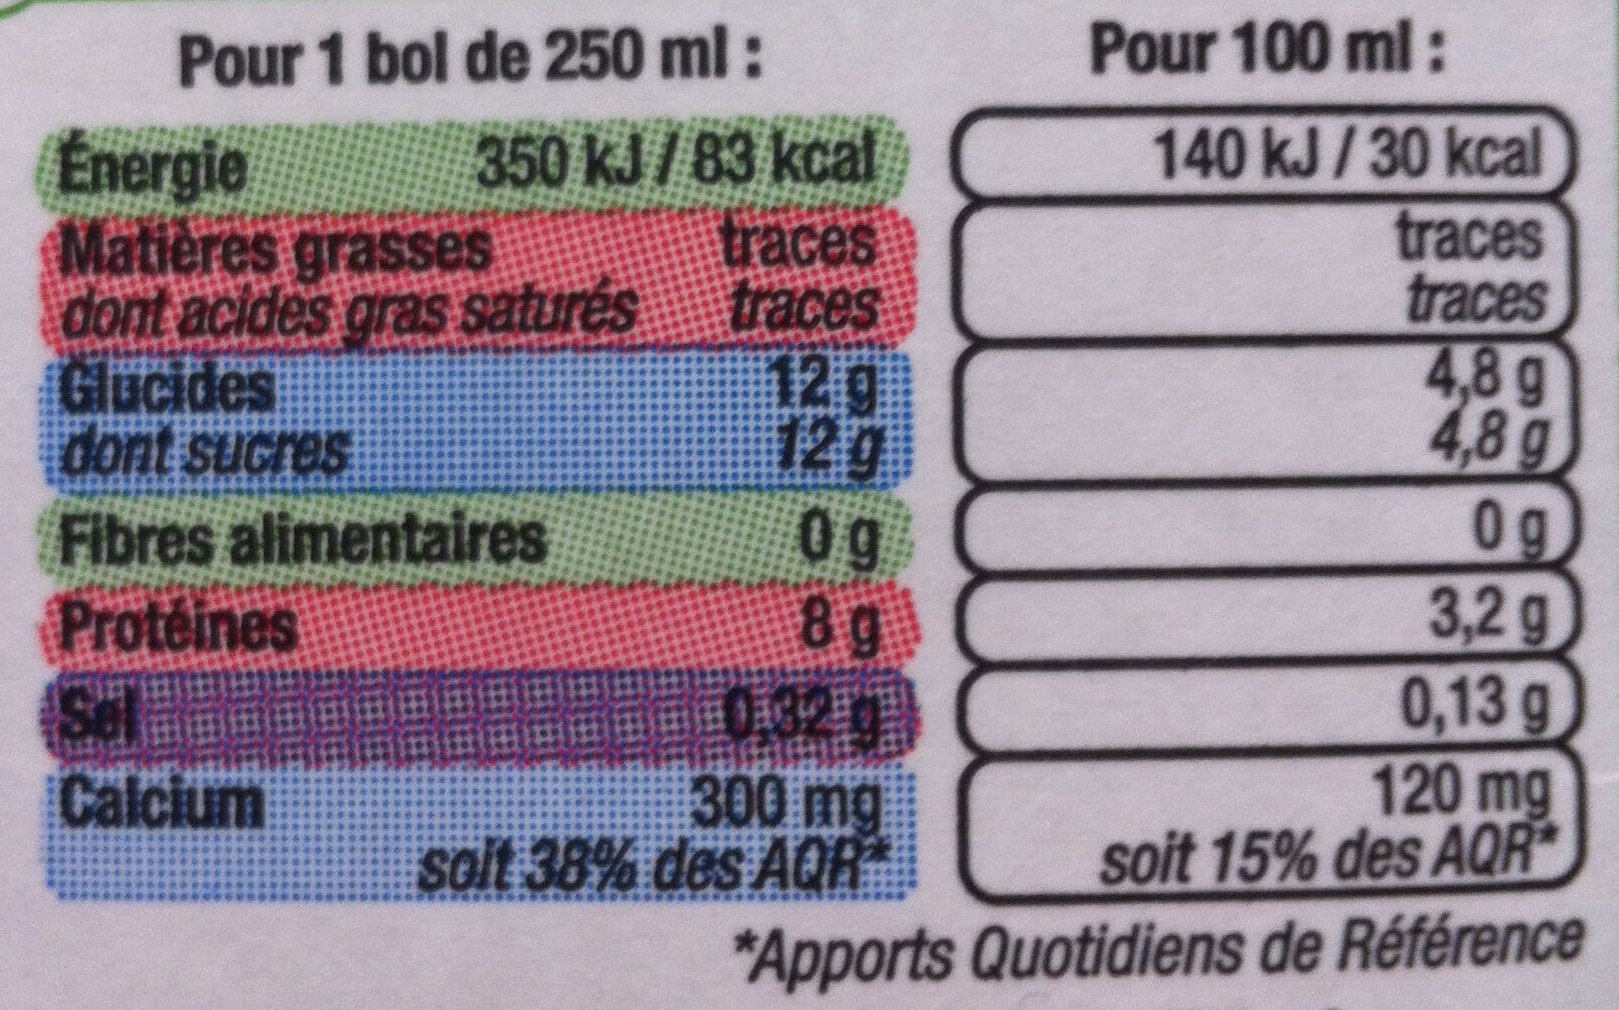 Le lait de coco - Dittiquement Votre